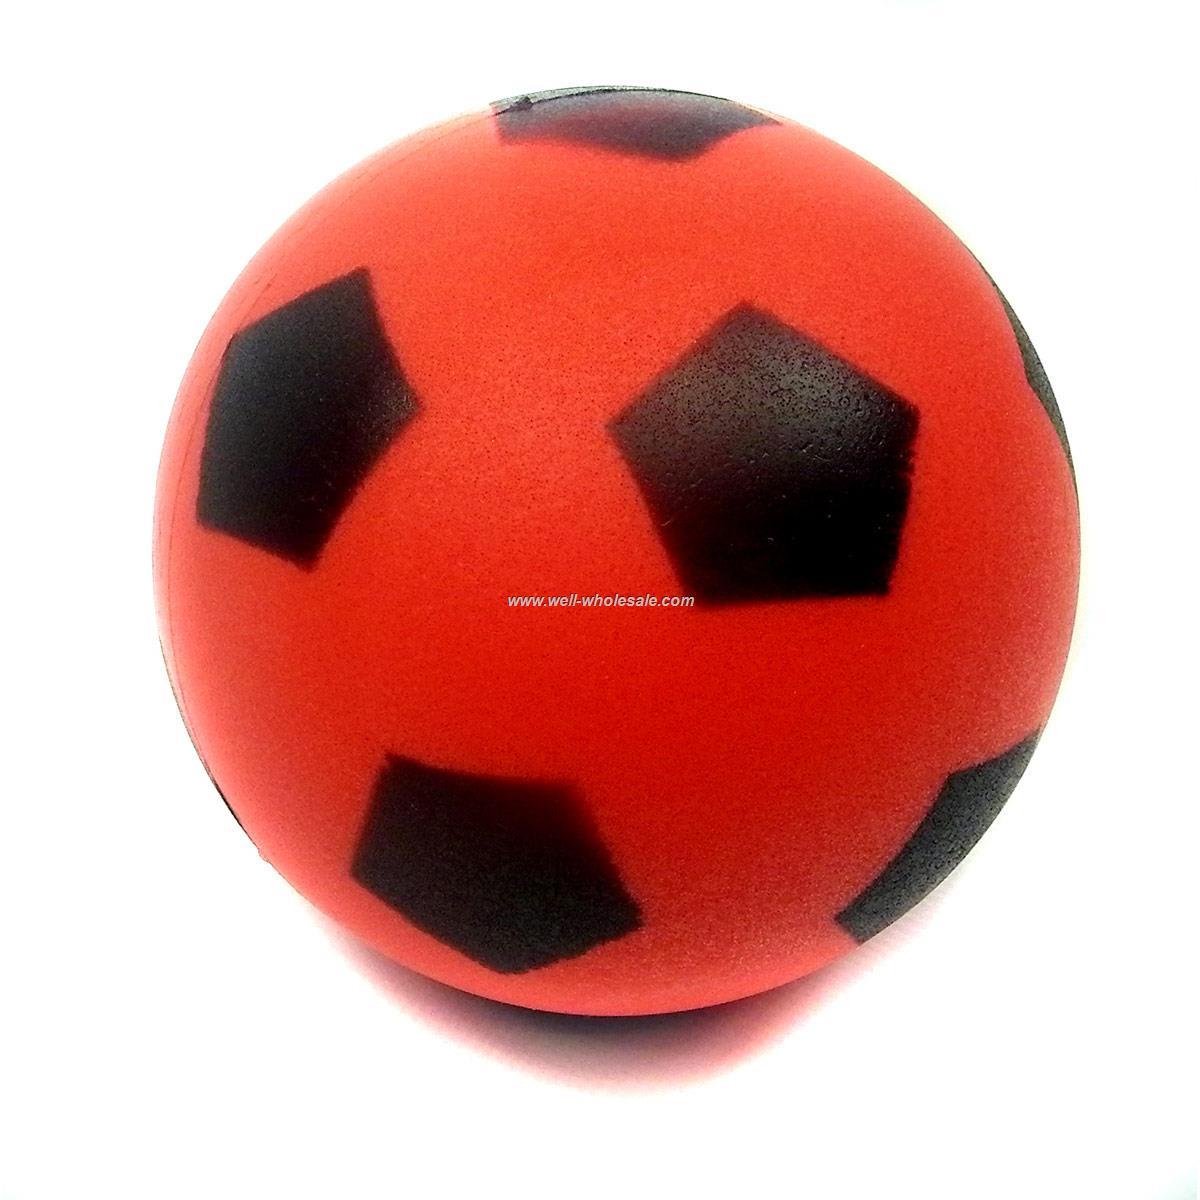 Soft mini football/foam football